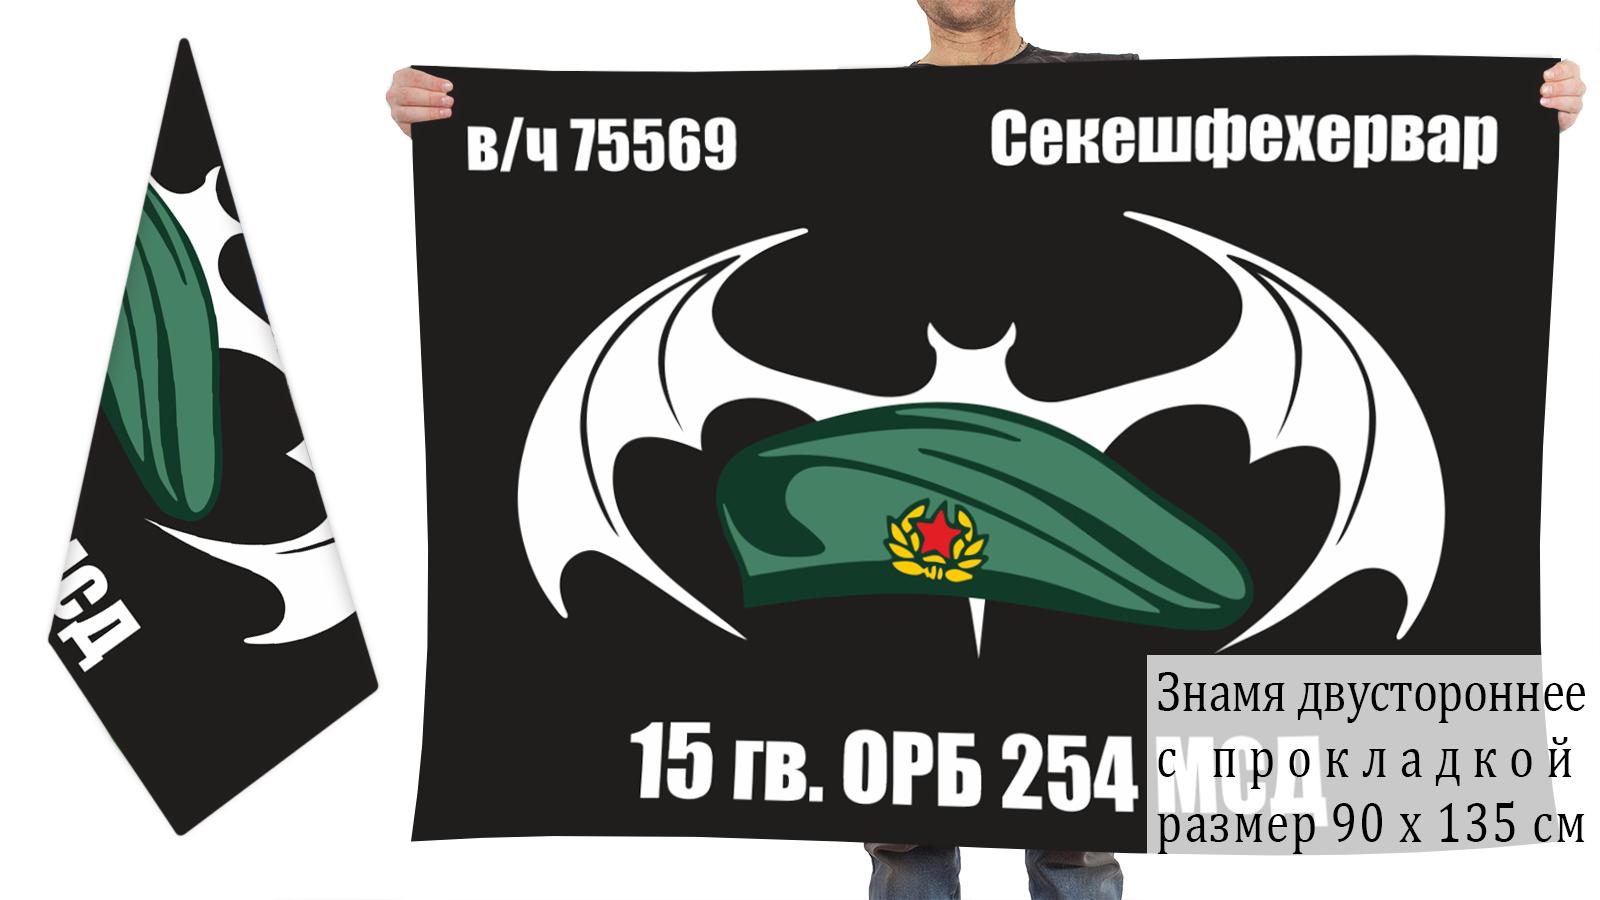 Двусторонний флаг 15 отдельного разведбата 254 МСД